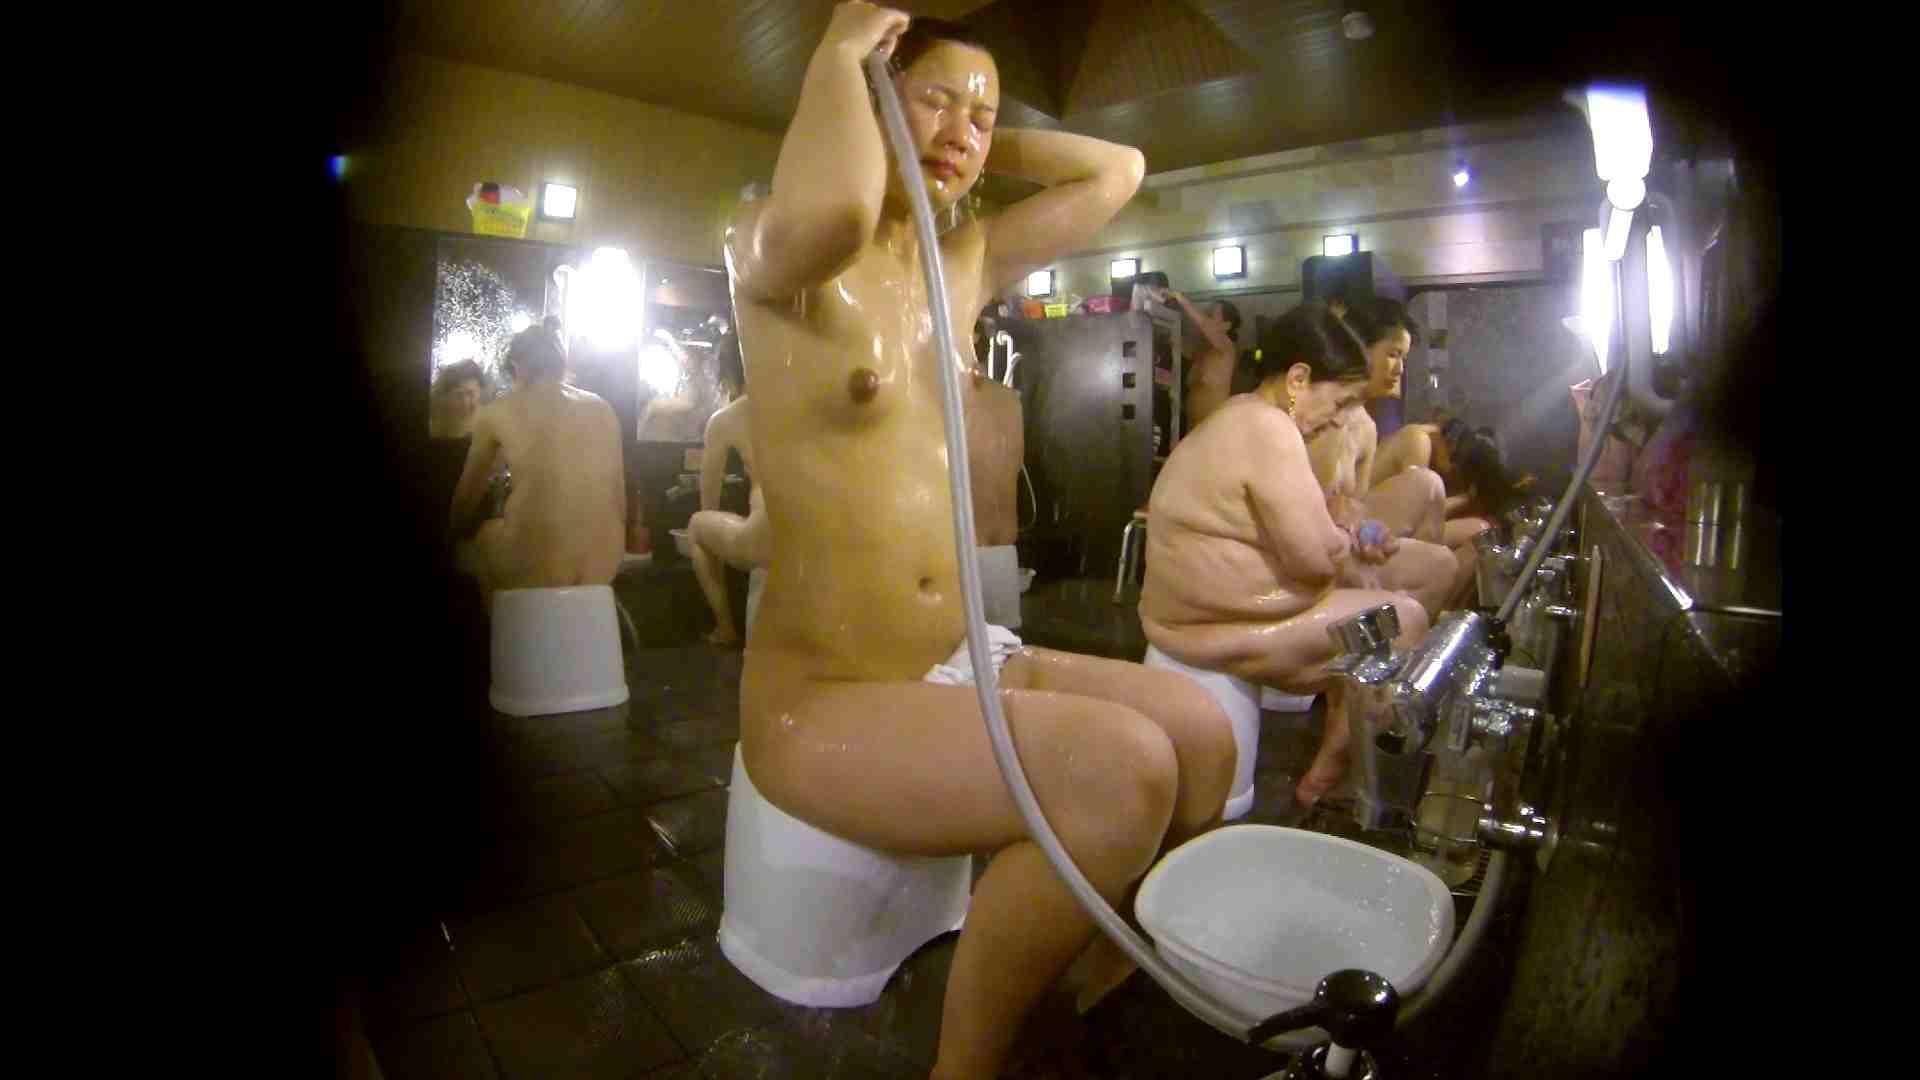 追い撮り!脱衣~洗い場、徹底追跡!撮り師さんに拍手!! むっちり | 追跡  95画像 37